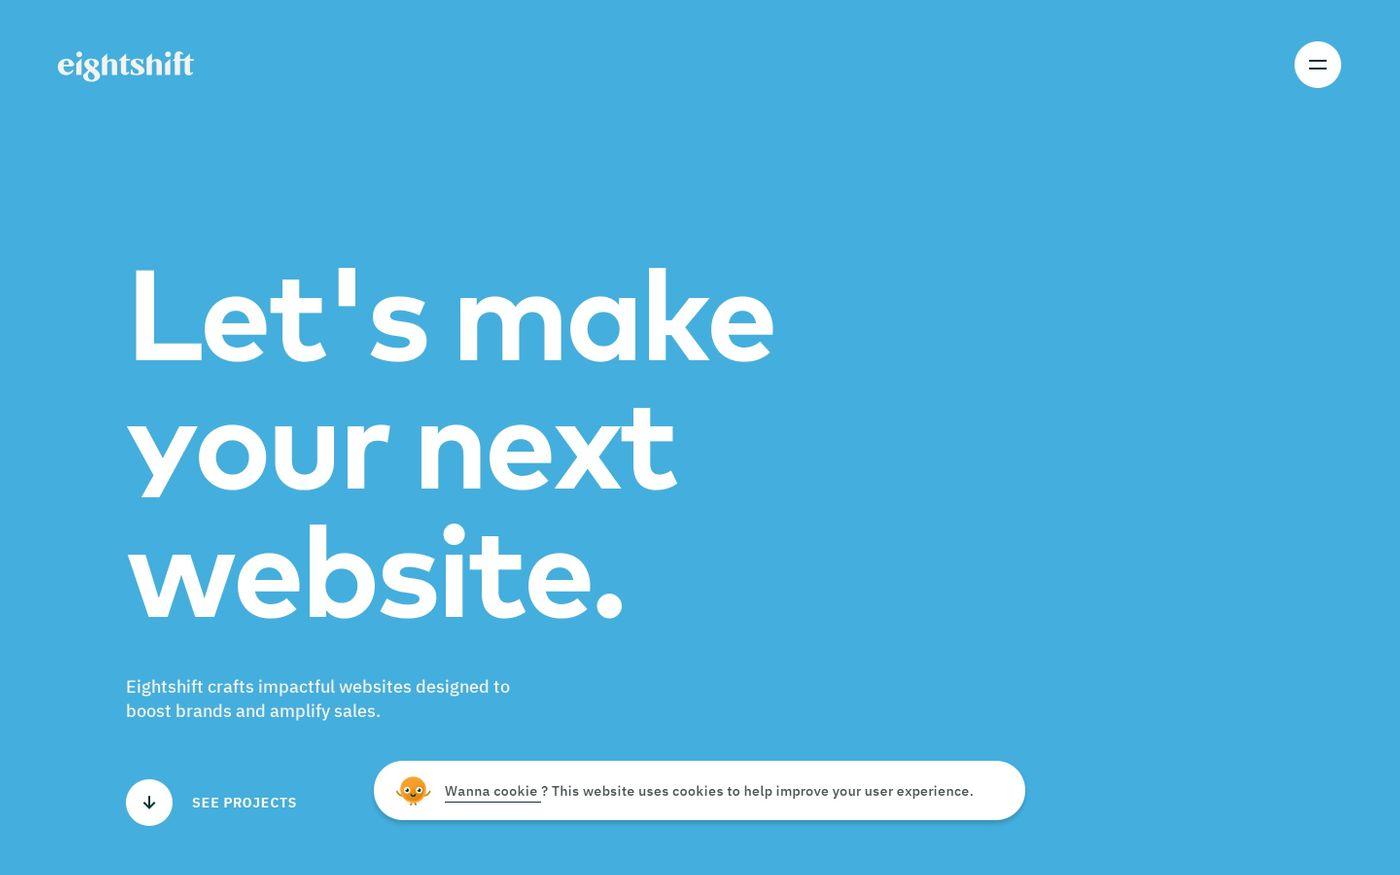 Screenshot of Eightshift website